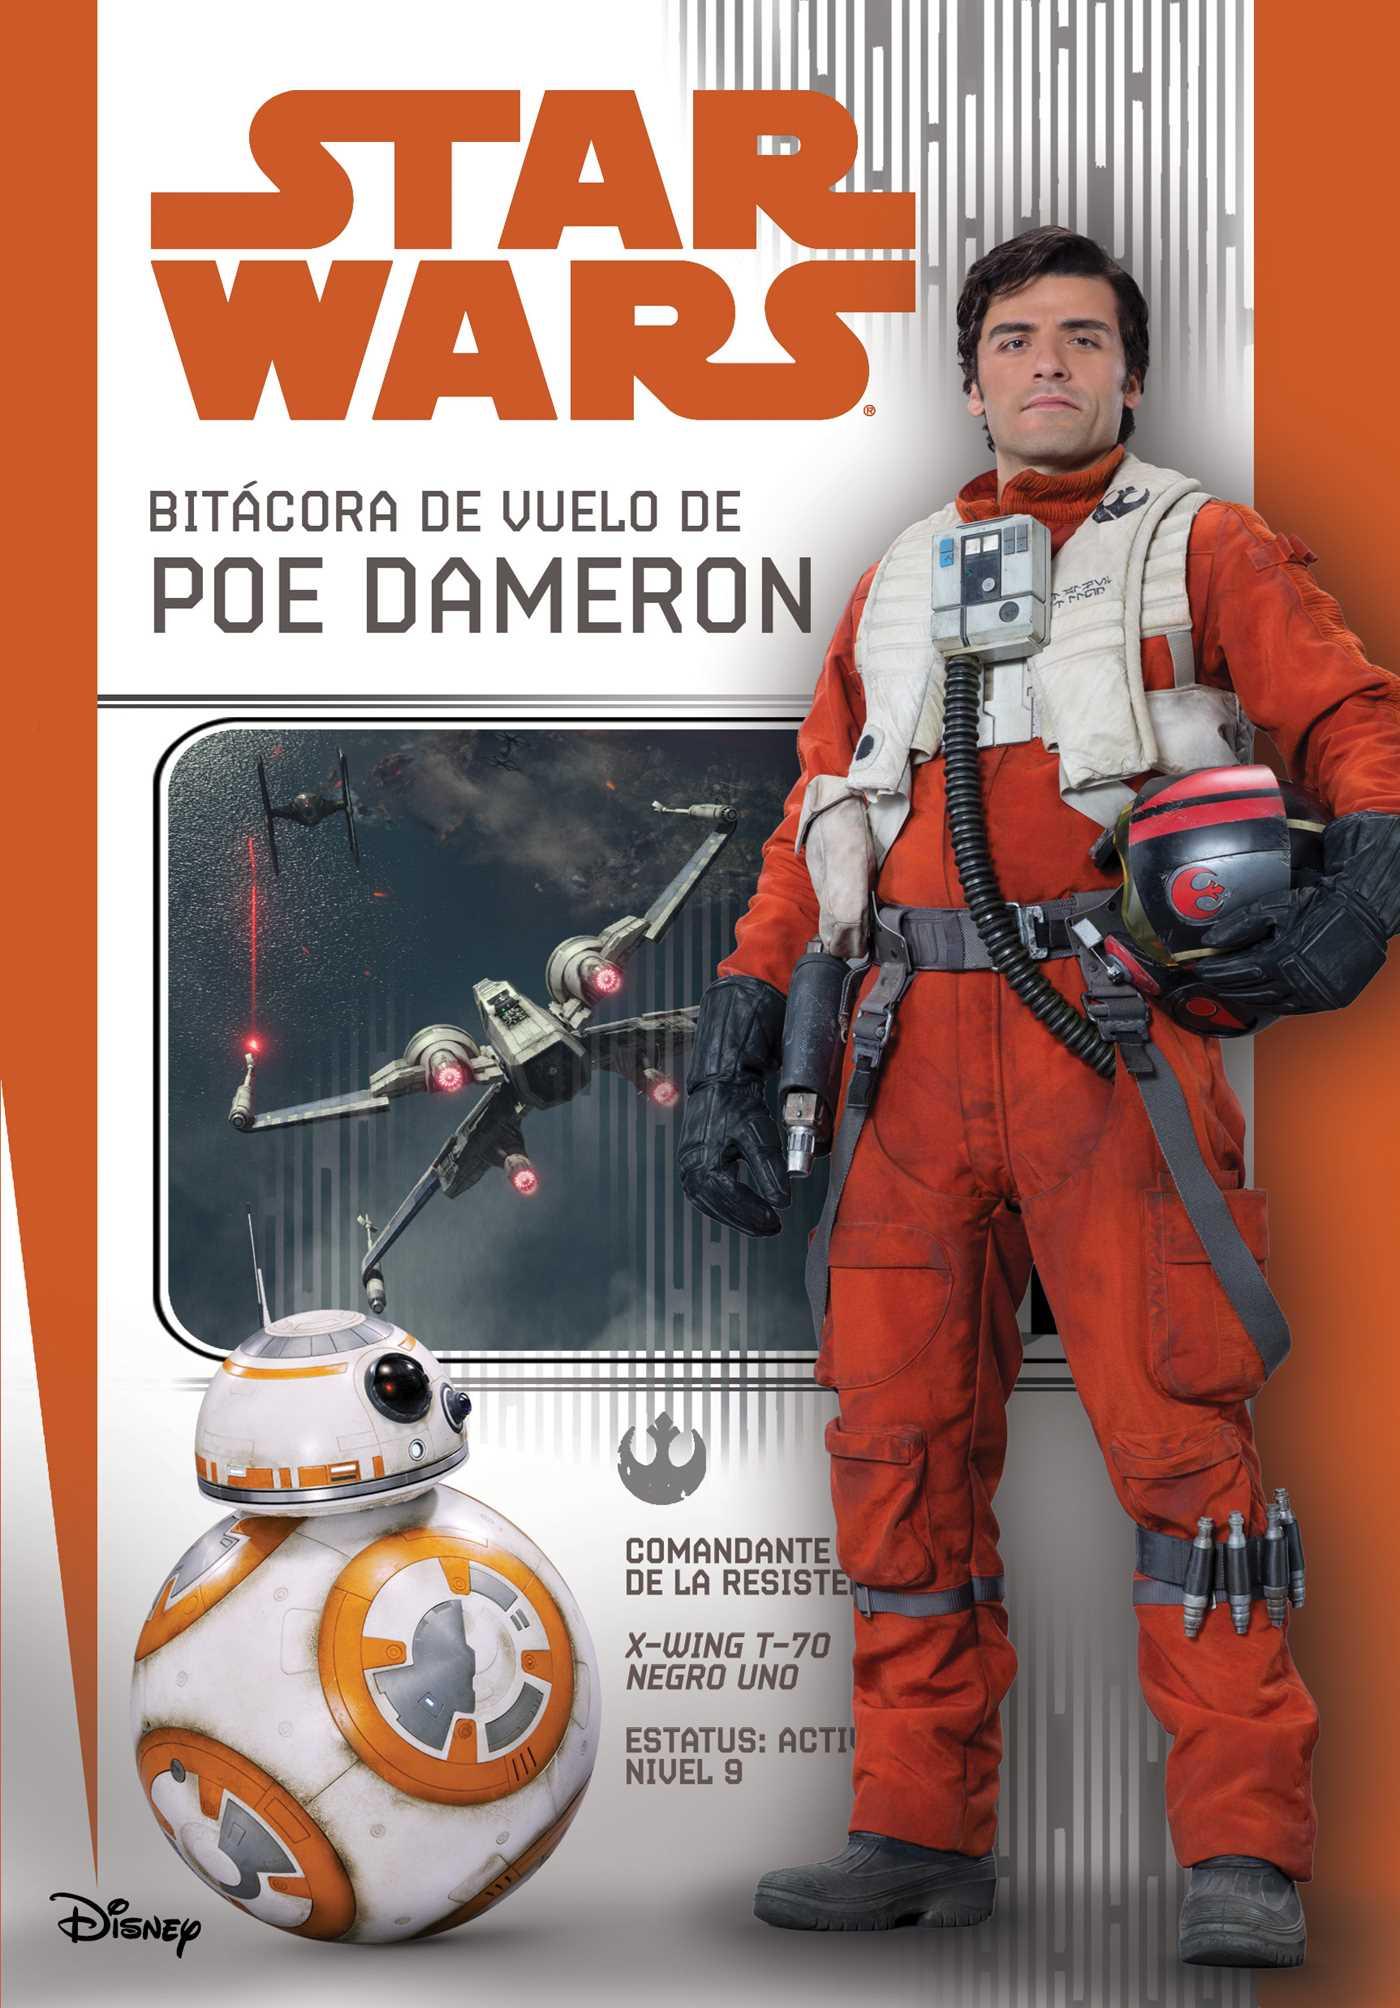 Star wars bitacora de vuelo de poe dameron 9781684122448 hr